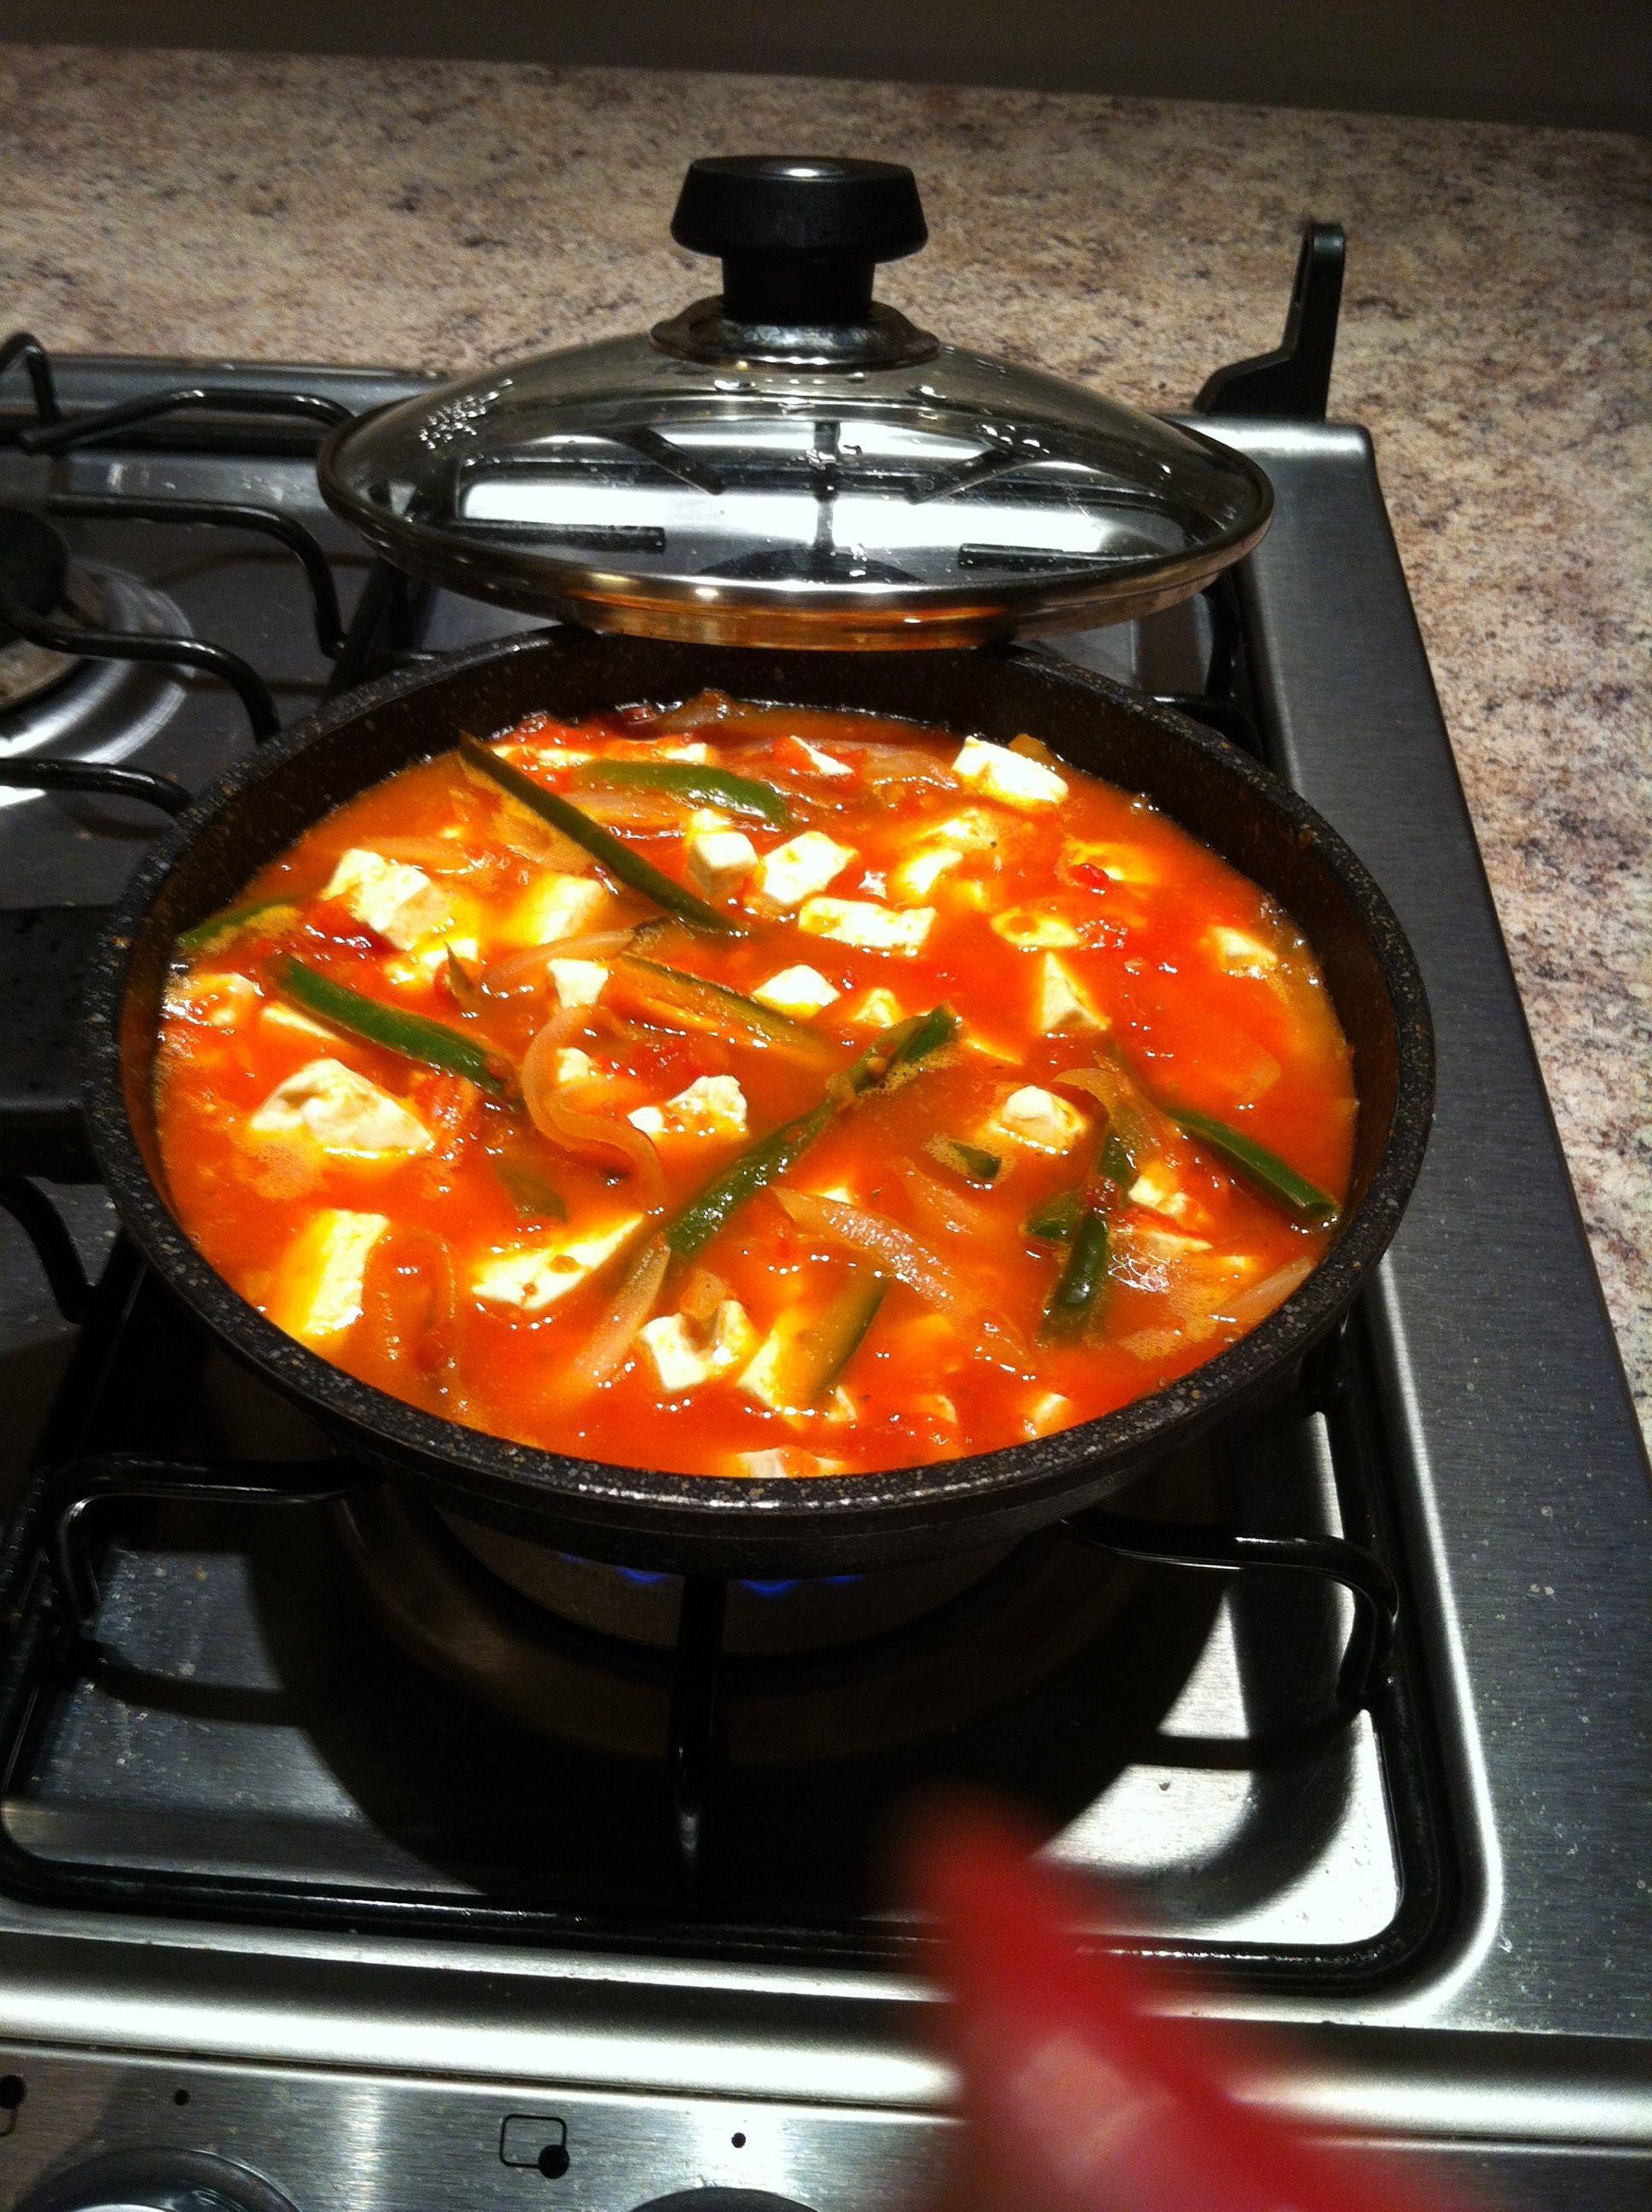 Queso Panela En Rajas Y Salsa De Tomate Recetas De Cocina Comida Comida Mexicana